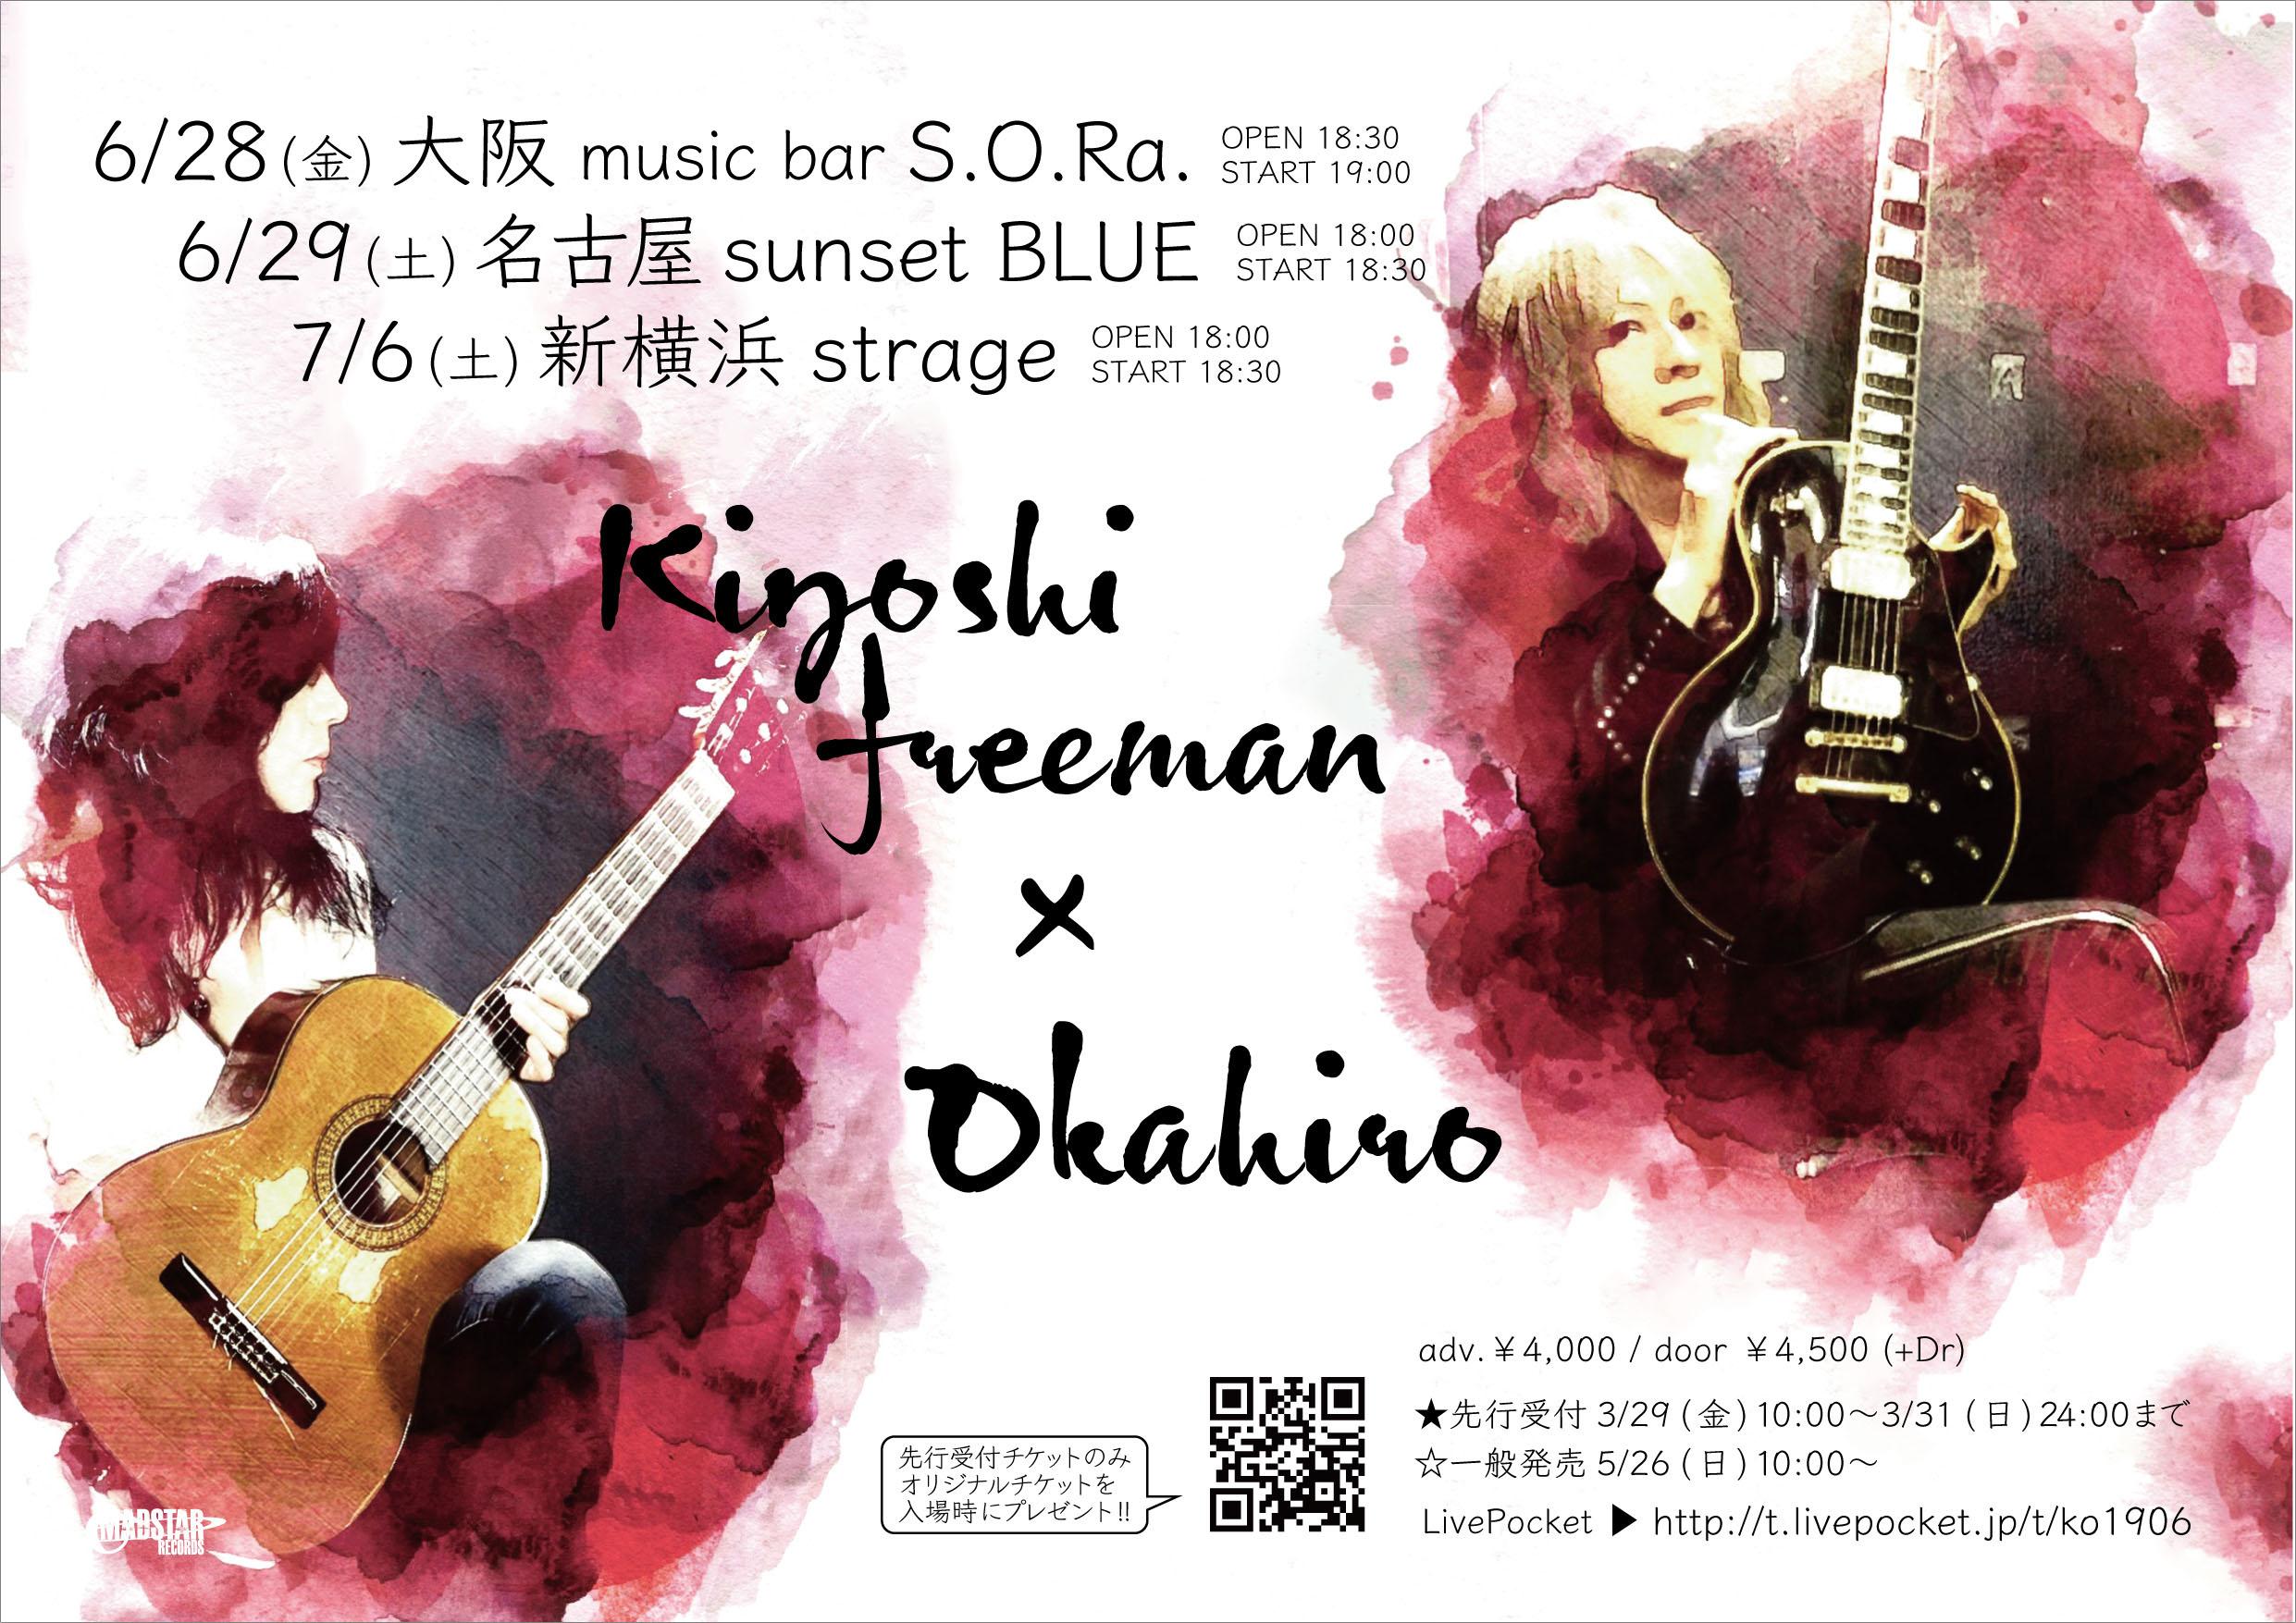 Kiyoshi freeman×Okahiro 6/29 名古屋sunset BLUE チケット